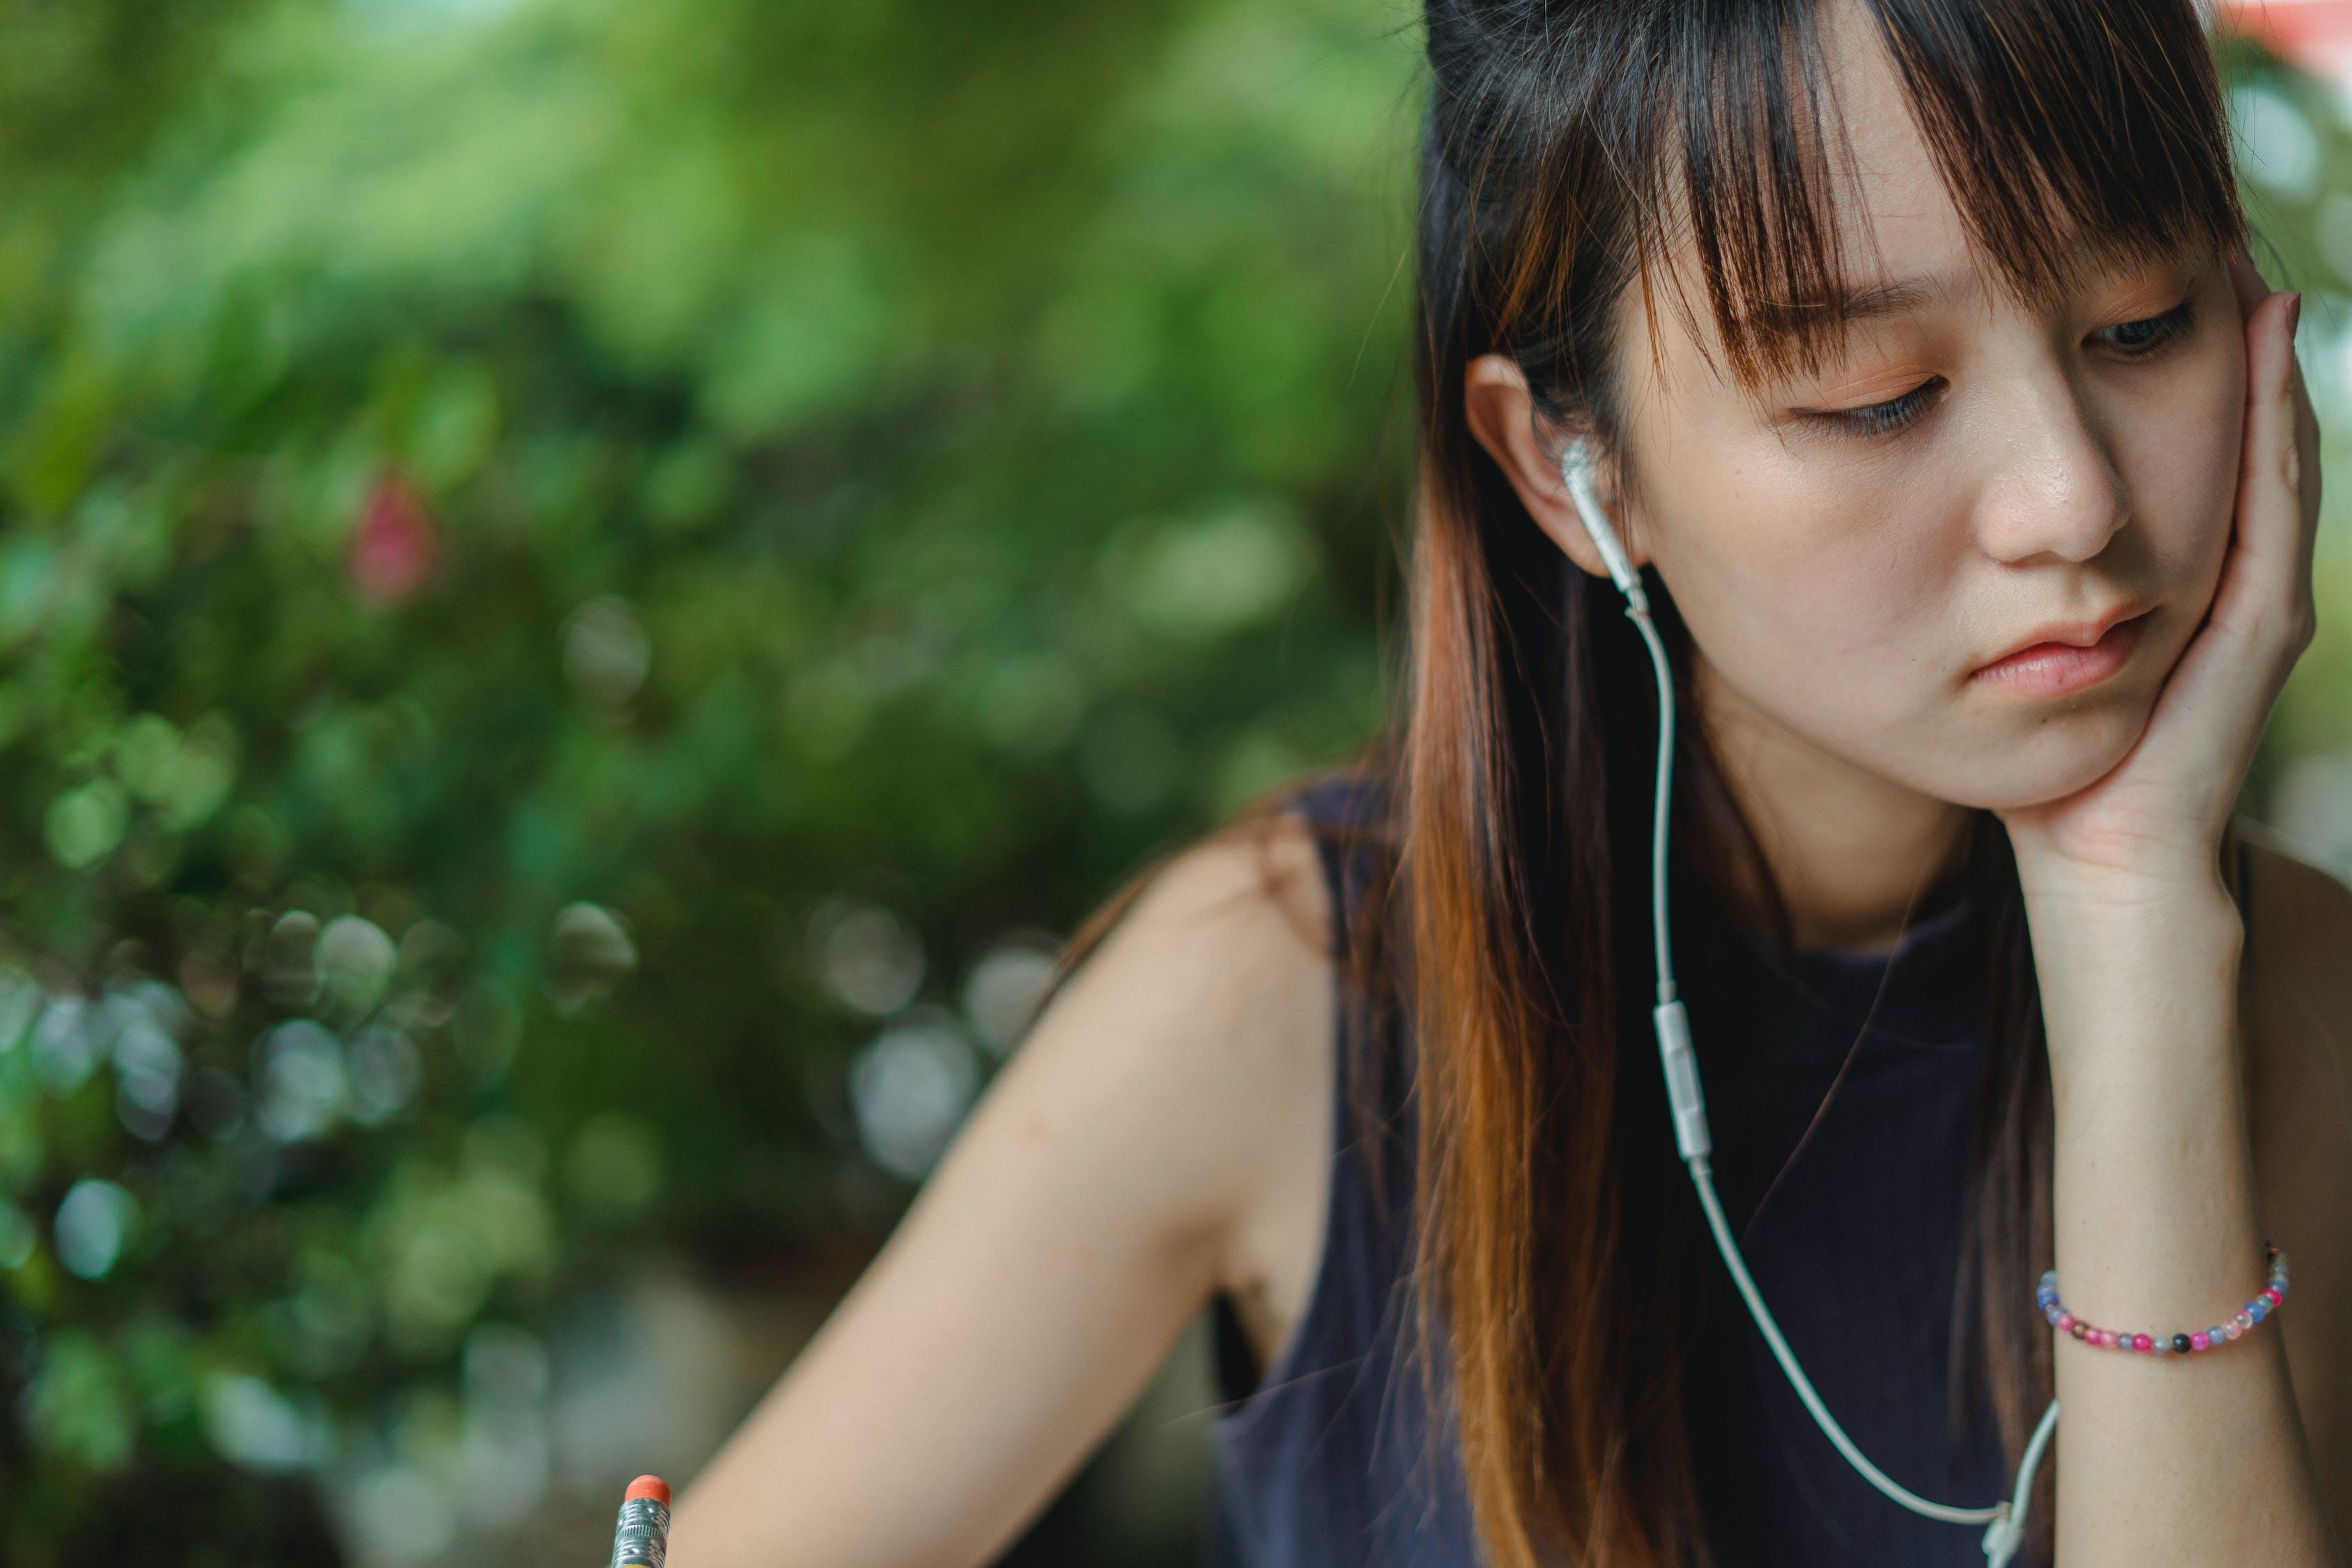 Bạn có thể bắt đầu với những bài hát tiếng Anh dễ nghe hoặc các đoạn giao tiếp đơn giản cho người mới bắt đầu.